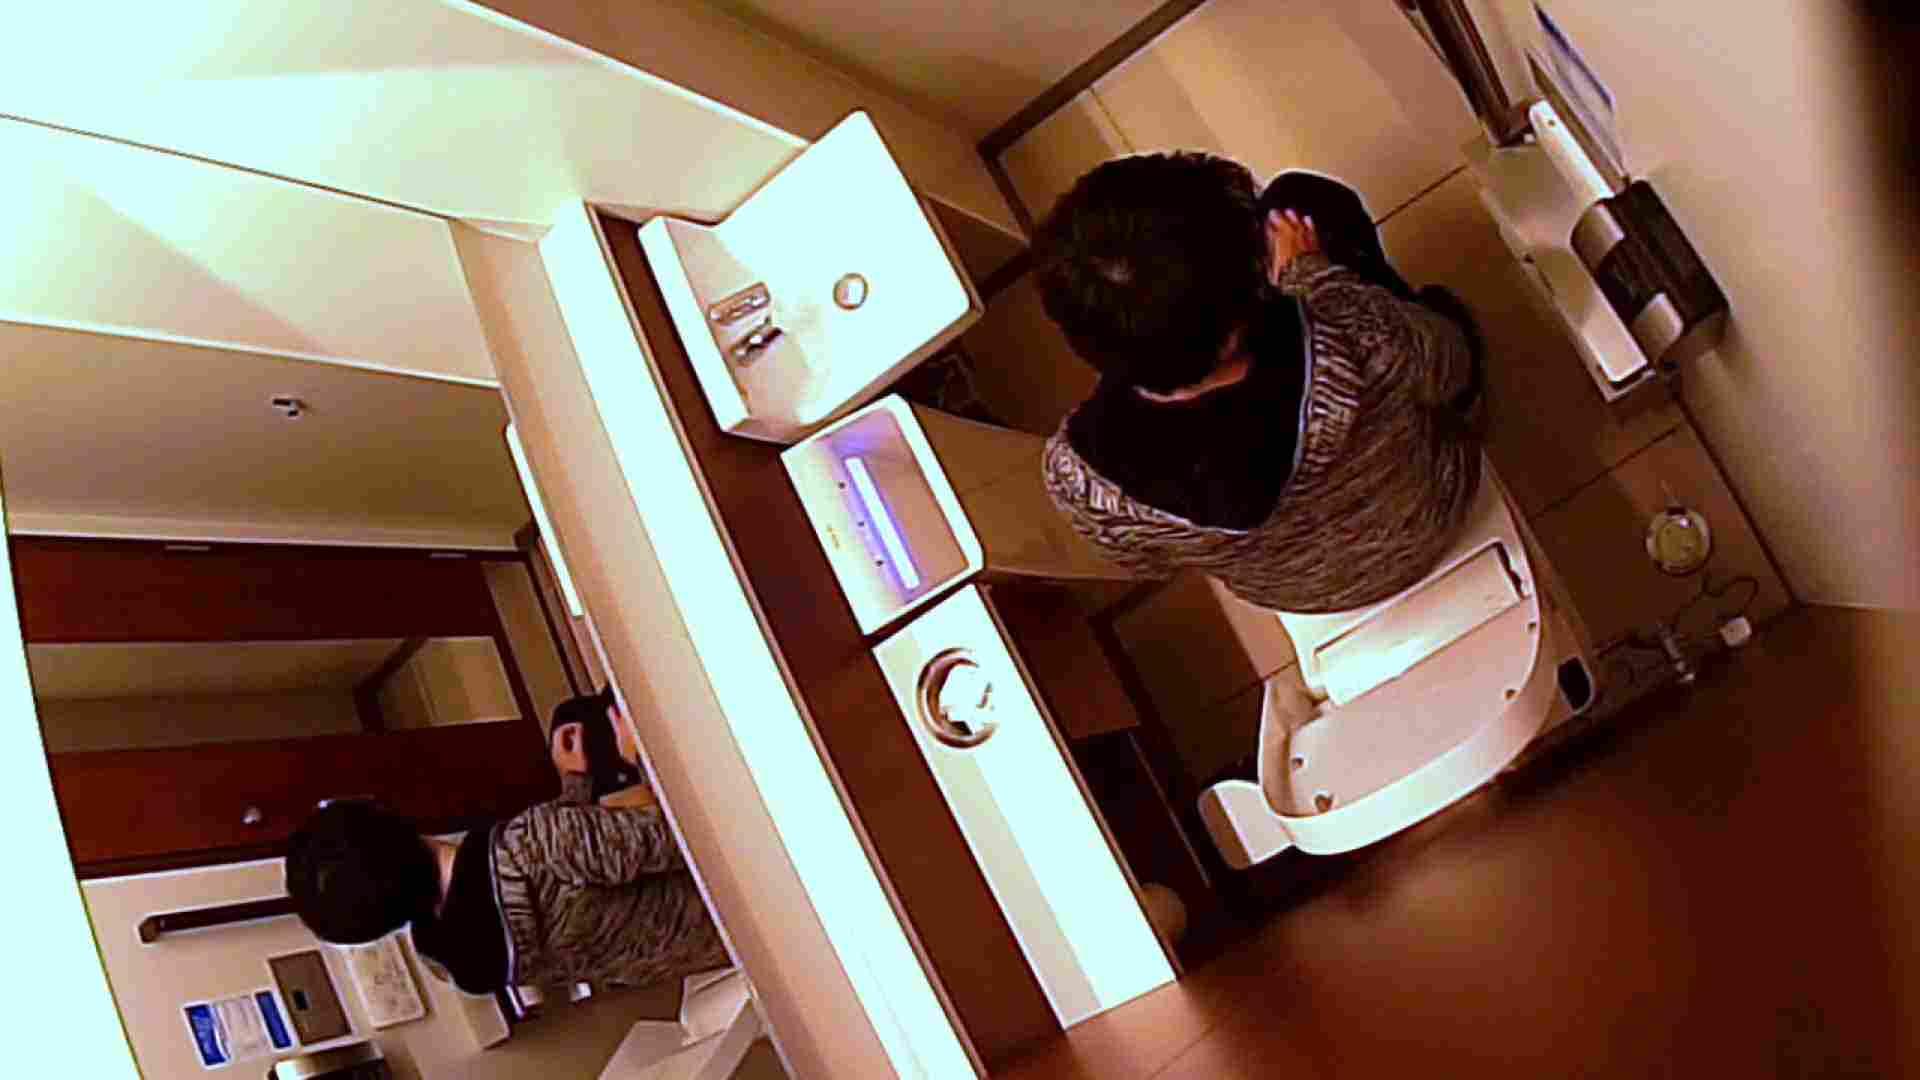 イケメンの素顔in洗面所 Vol.03 丸見え動画 | ボーイズうんこ  107pic 46